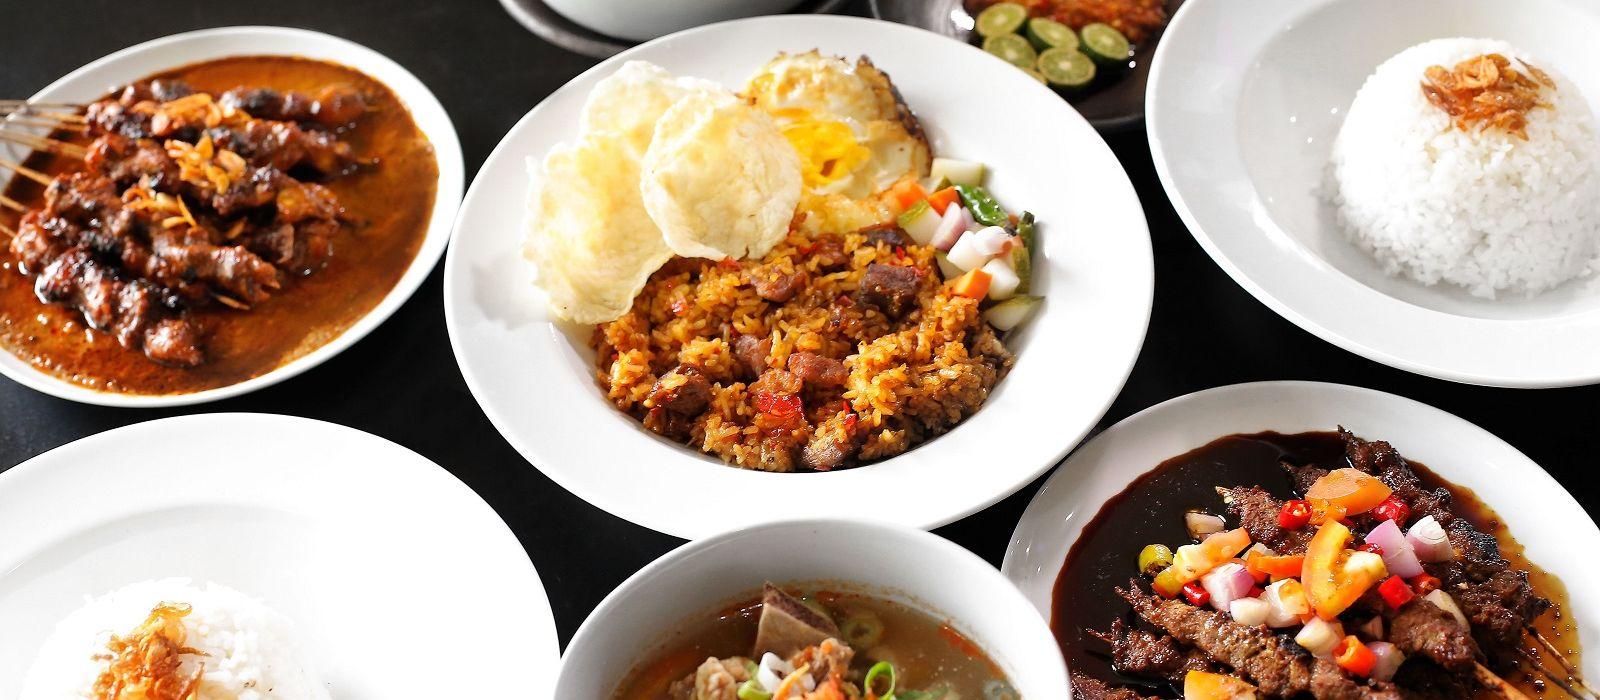 cuisine in Indonesia